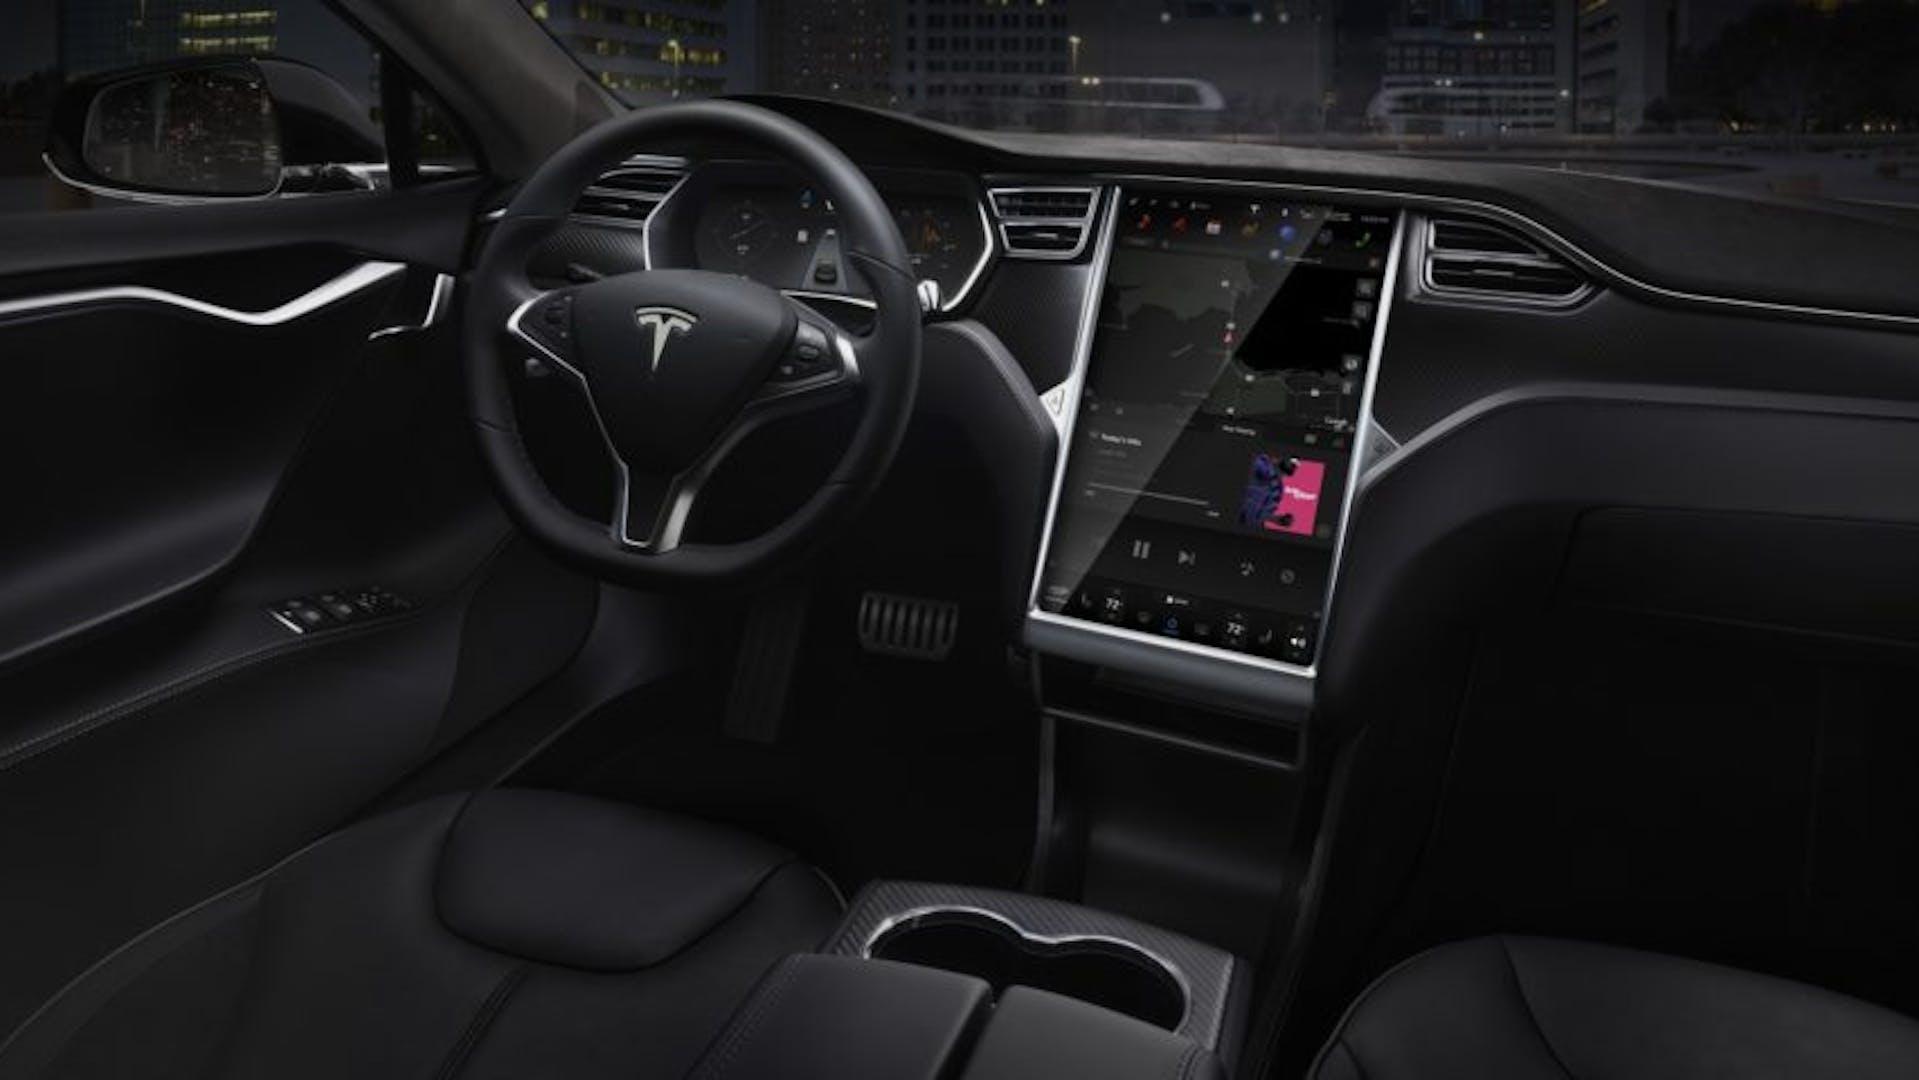 Inside a car showing steering wheel